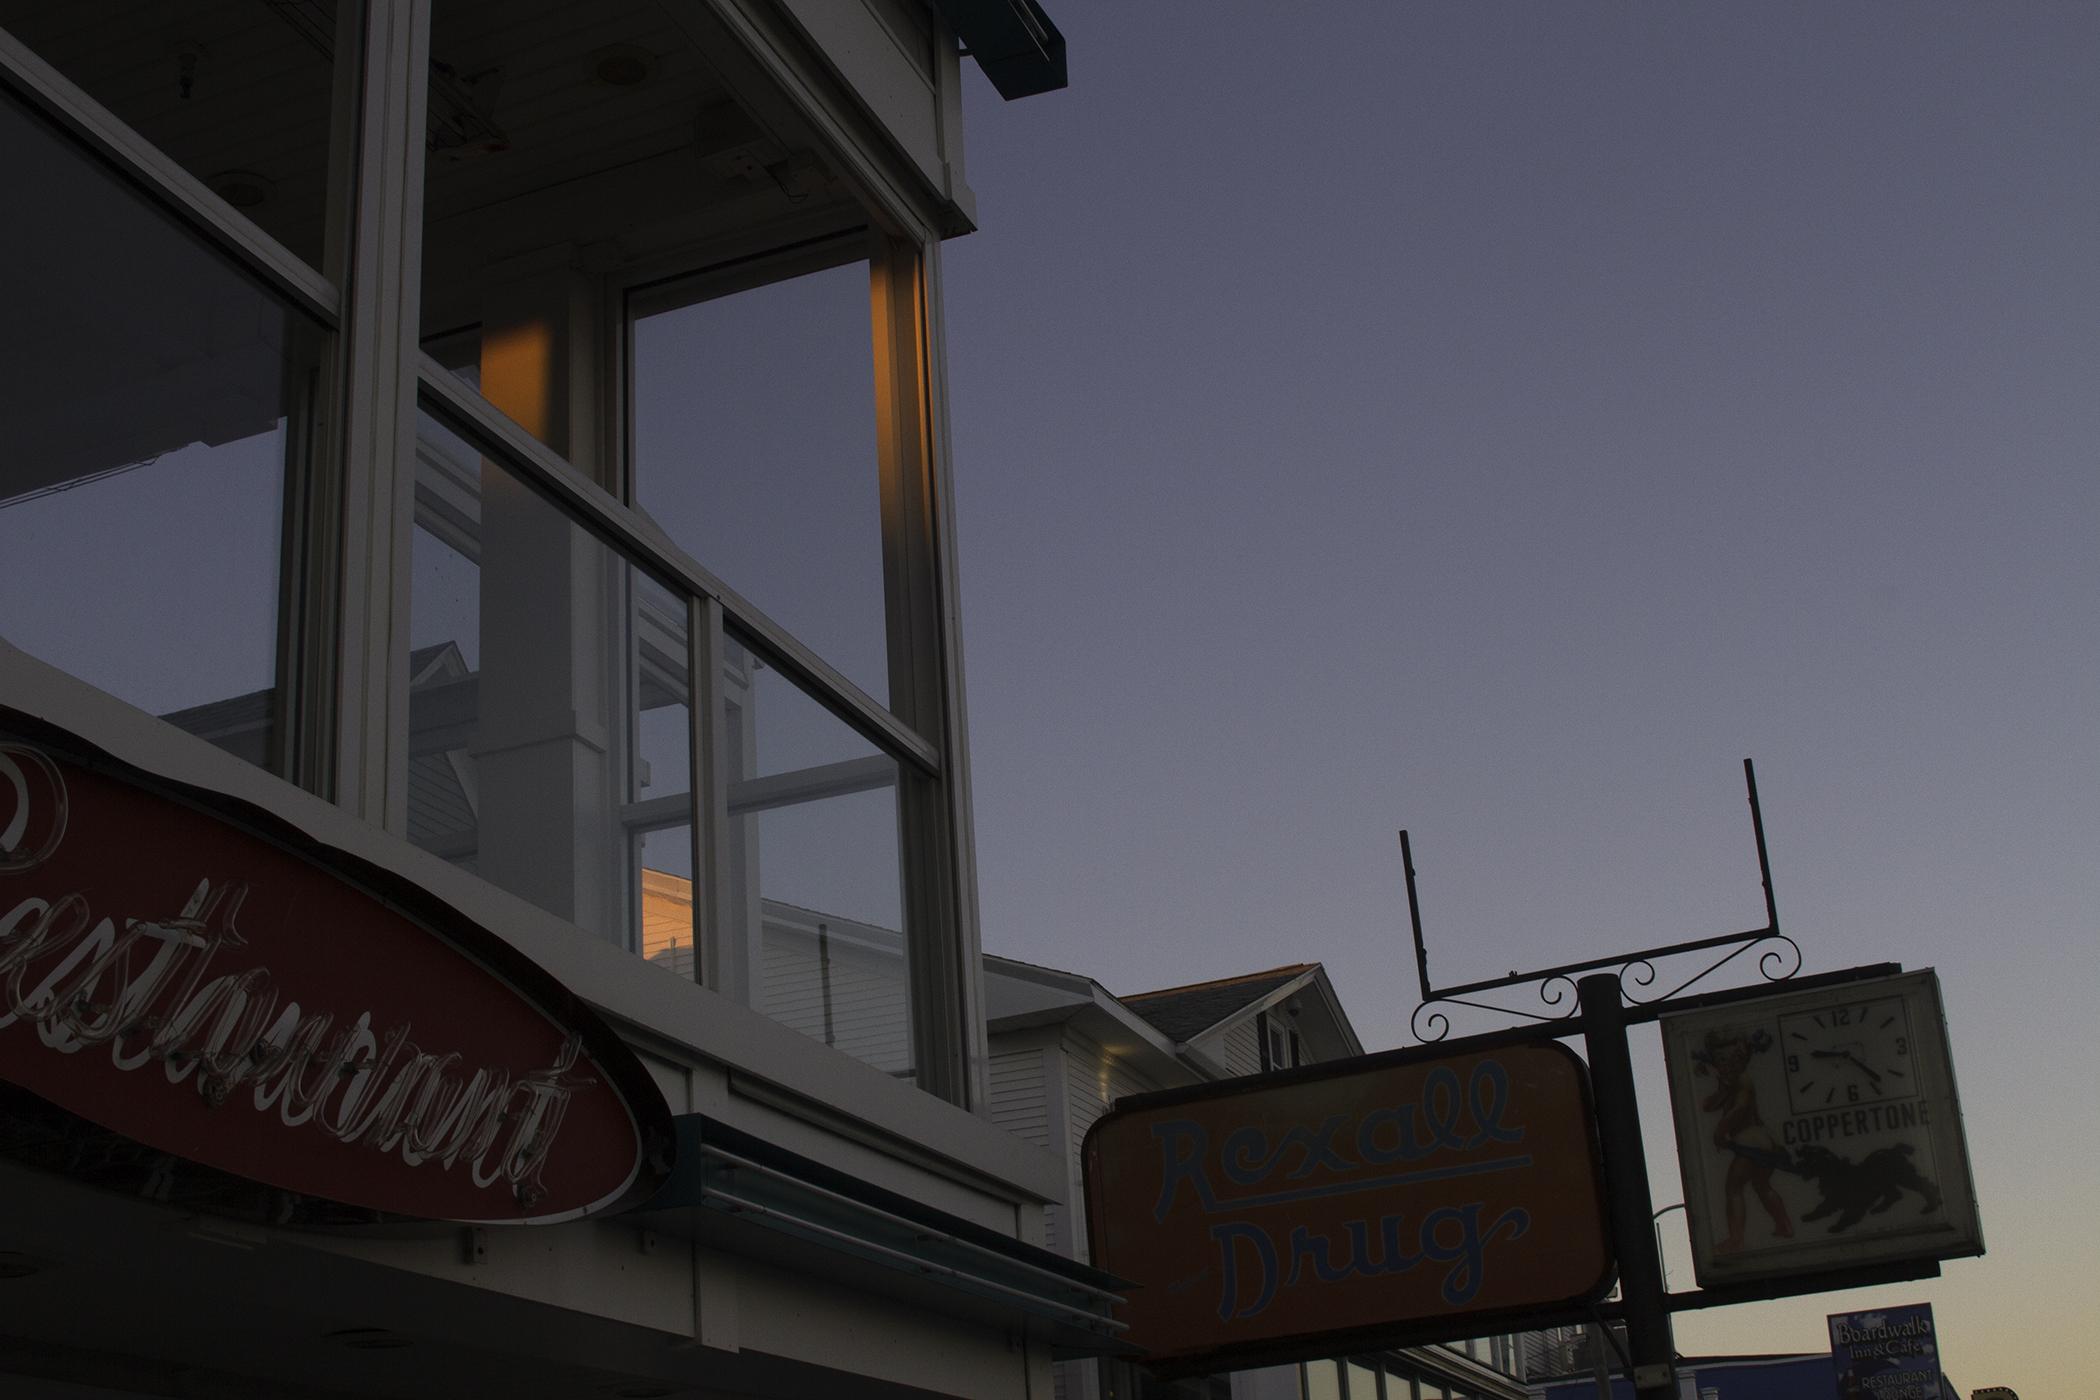 Hampton_beach_windowsm.jpg